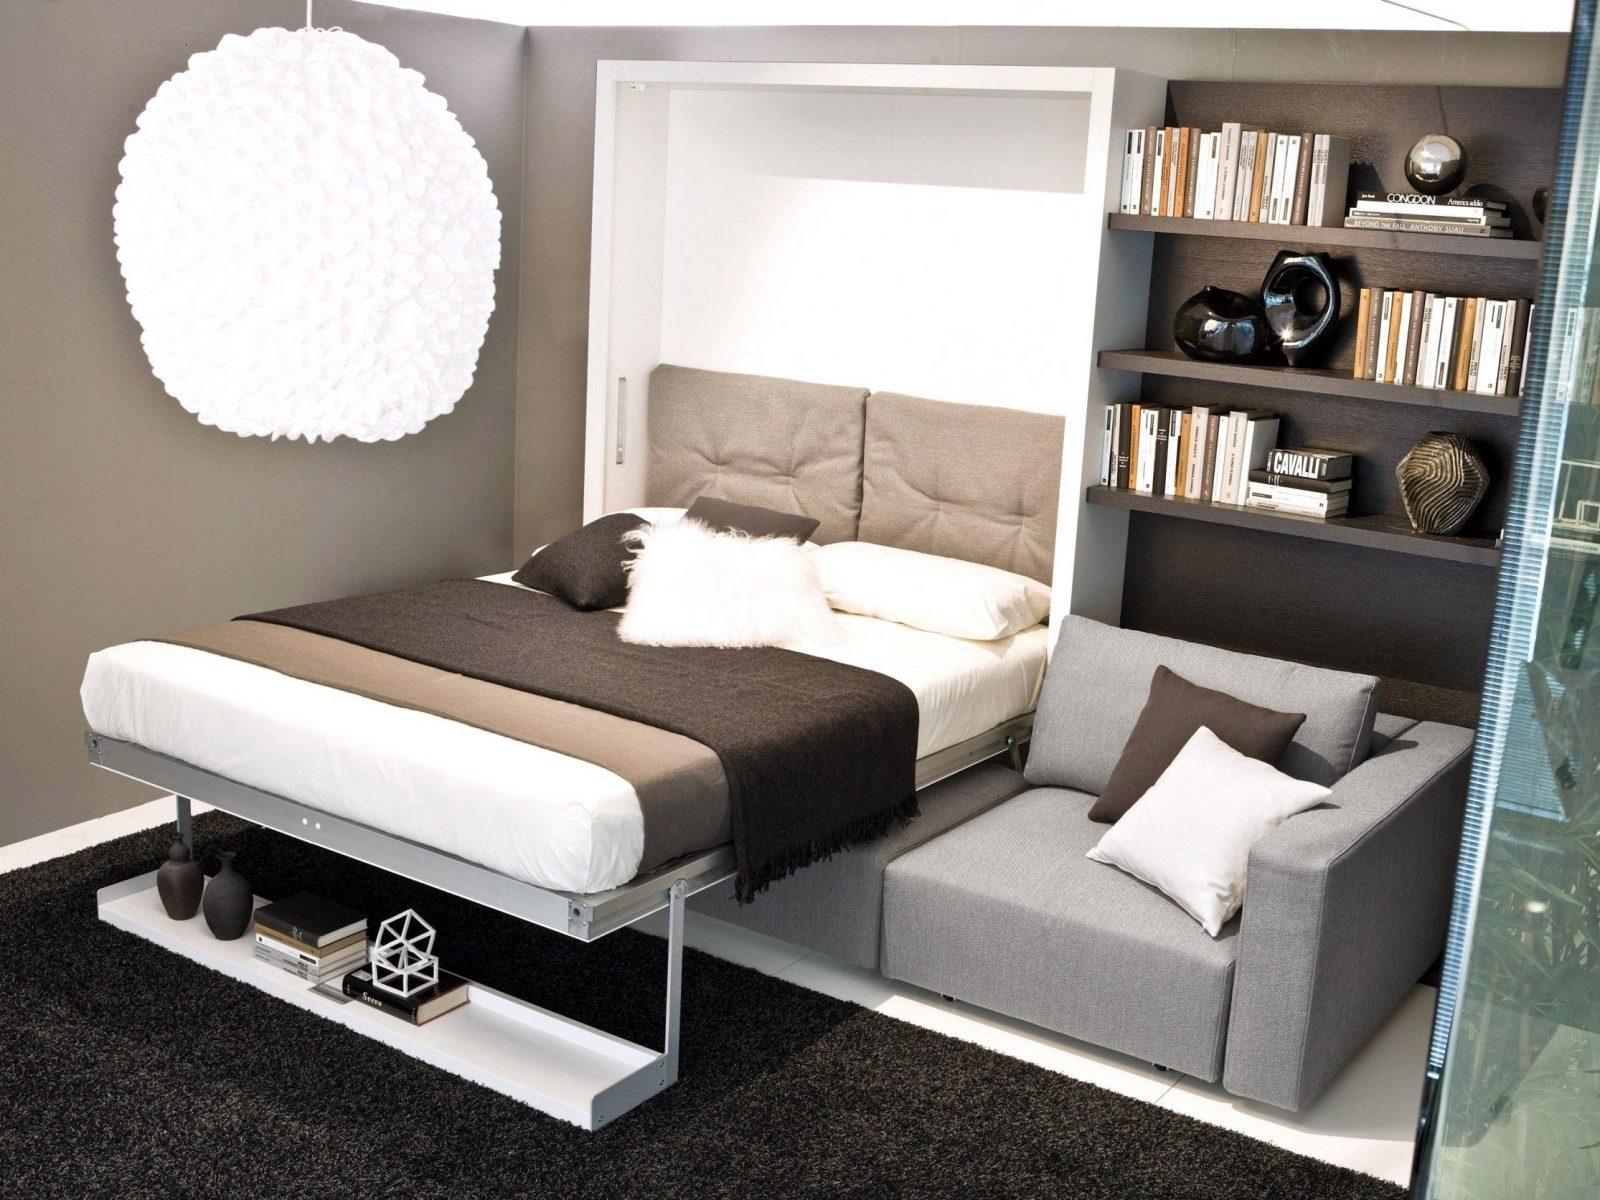 Wohnwand Mit Bett Eigenschaften  Finden Sie Ihre Wohnung Dekor Stil von Wohnwand Mit Integriertem Bett Photo